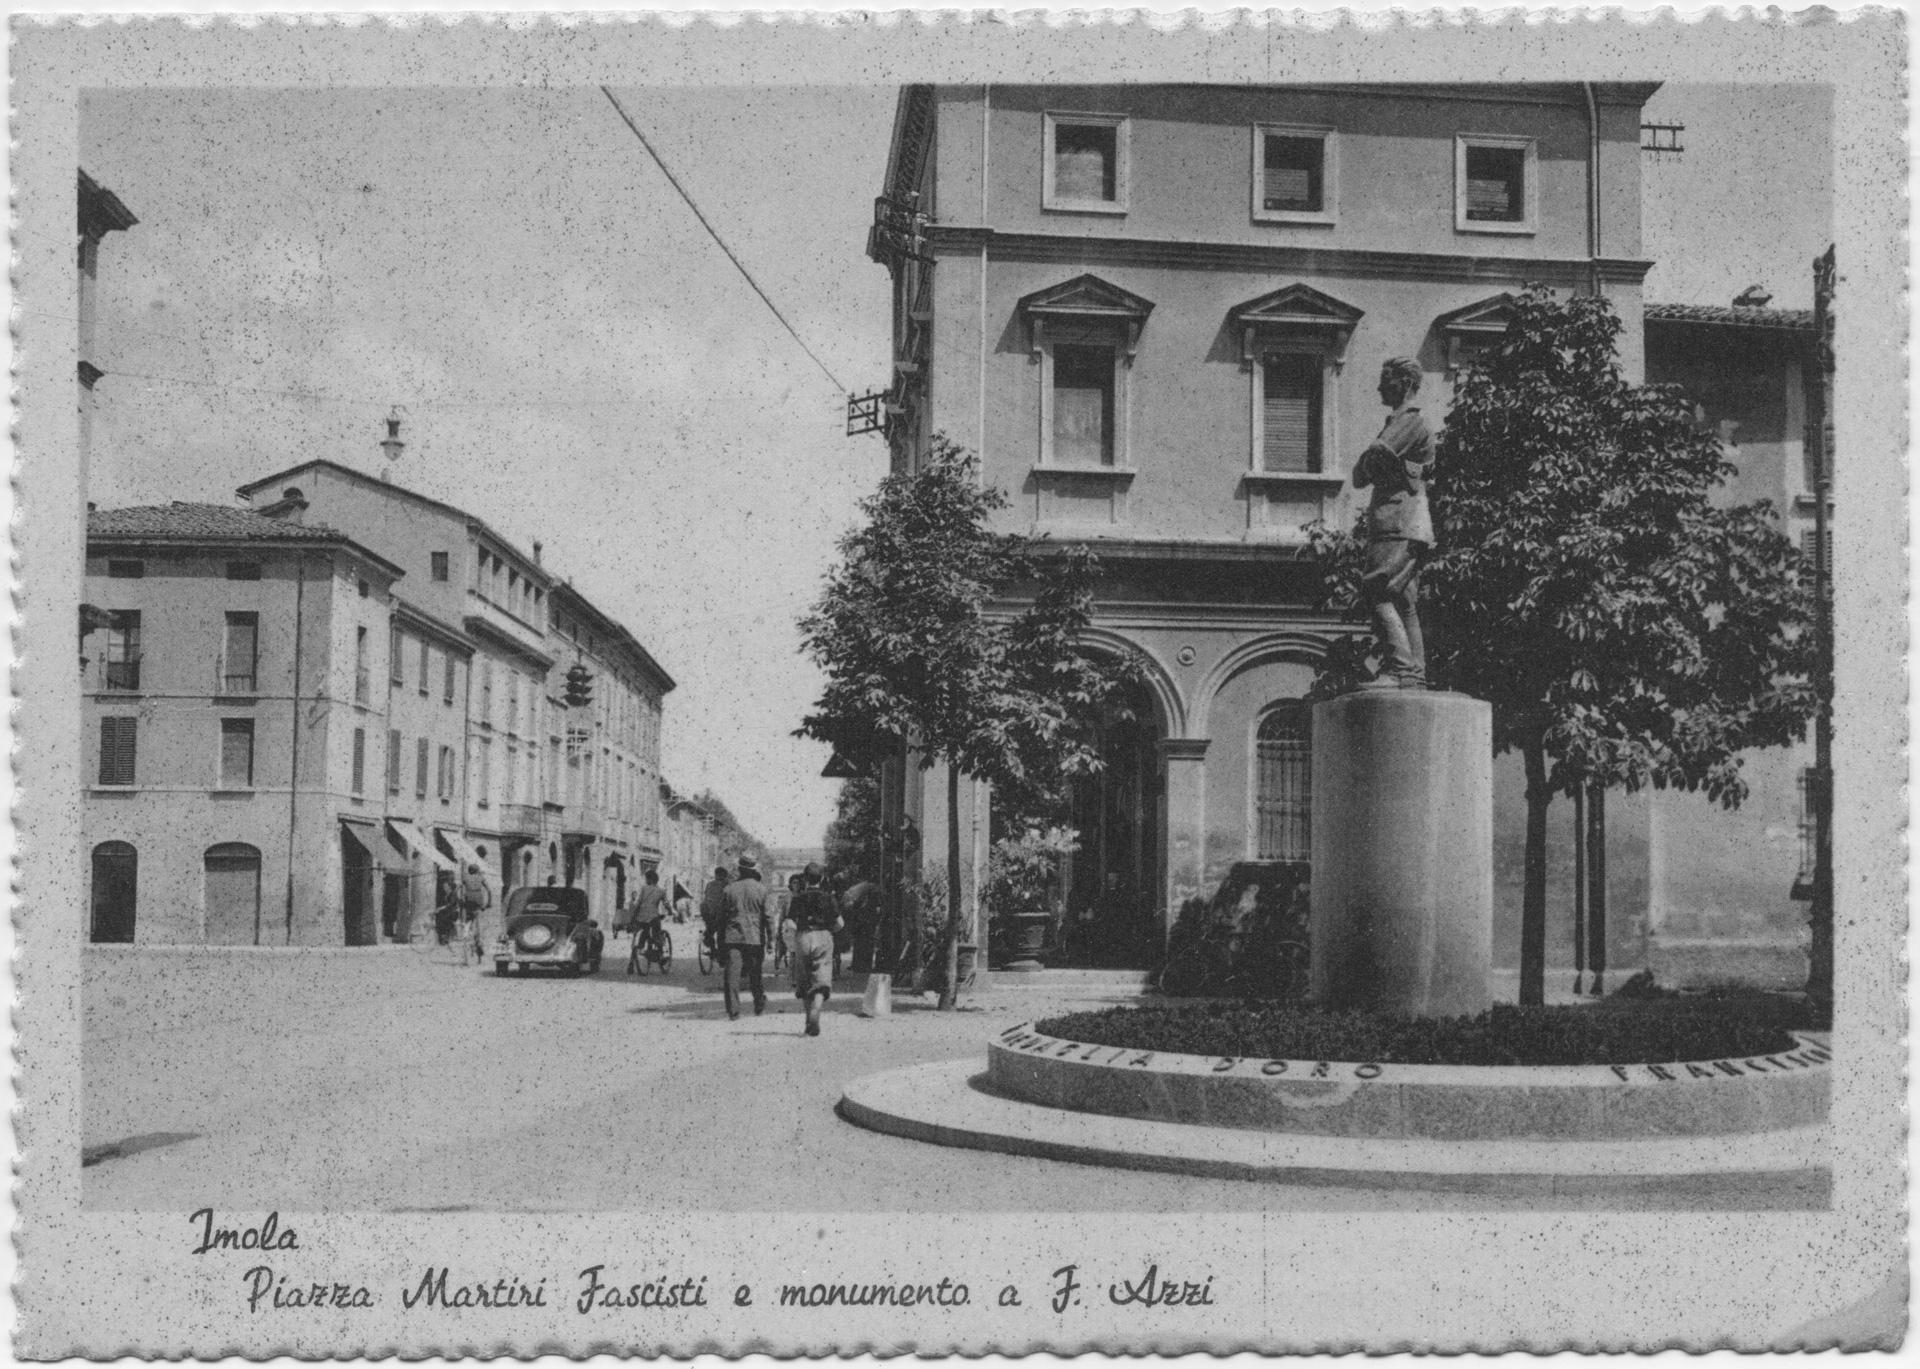 7. Cartolina di Piazza Martiri Fascisti e del monumento a Francesco Azzi, inaugurato il 21 maggio 1938 dal principe ereditario Umberto di Savoia (Bim)